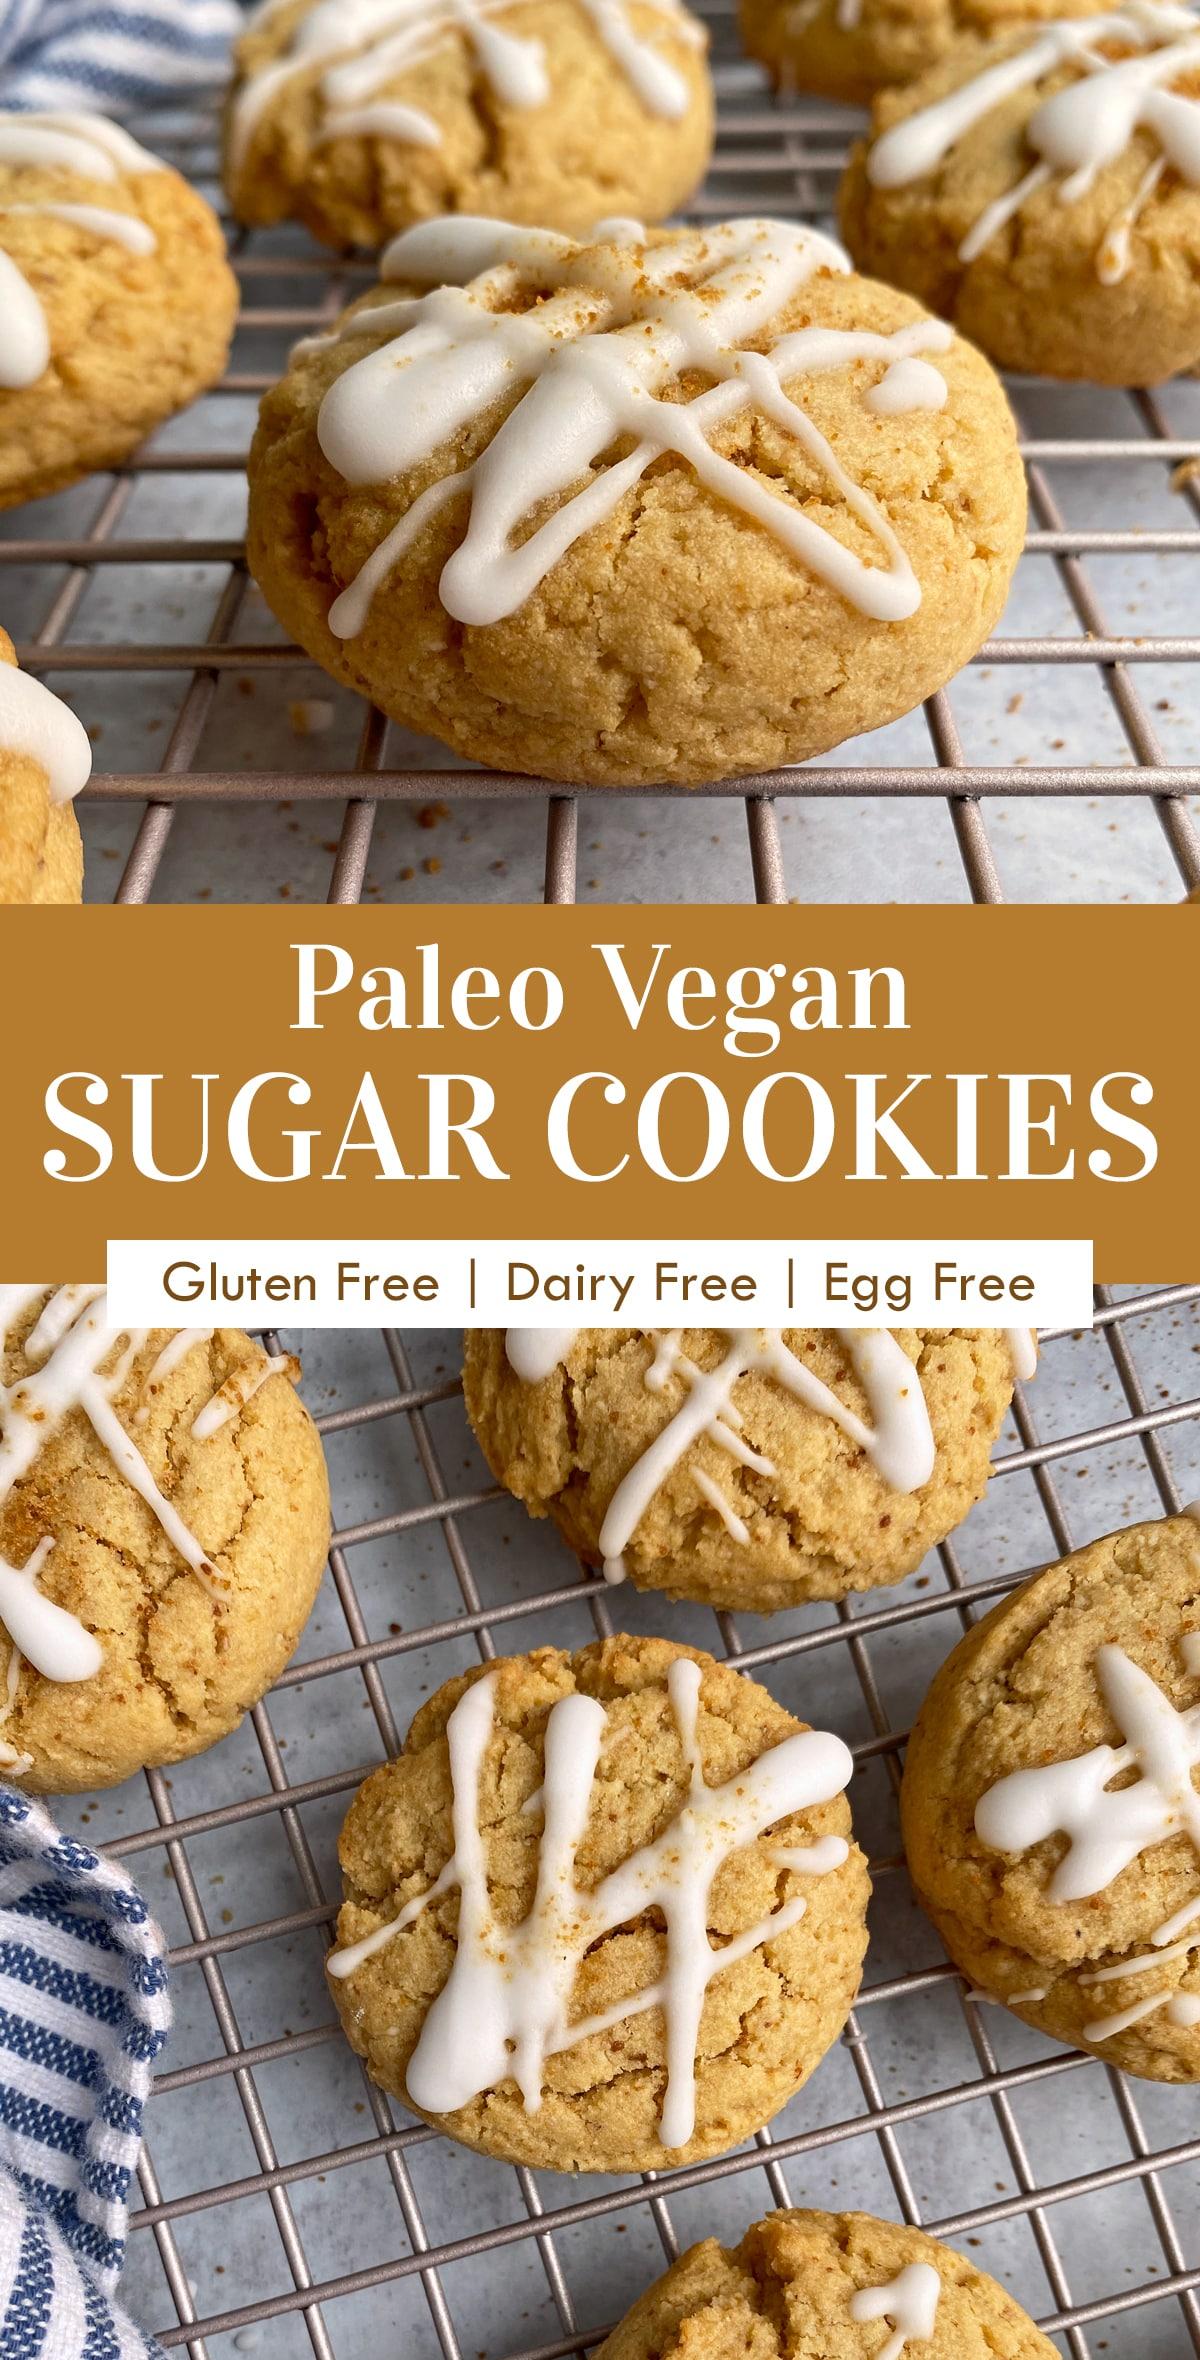 paleo-vegan-sugar-cookies-recipe